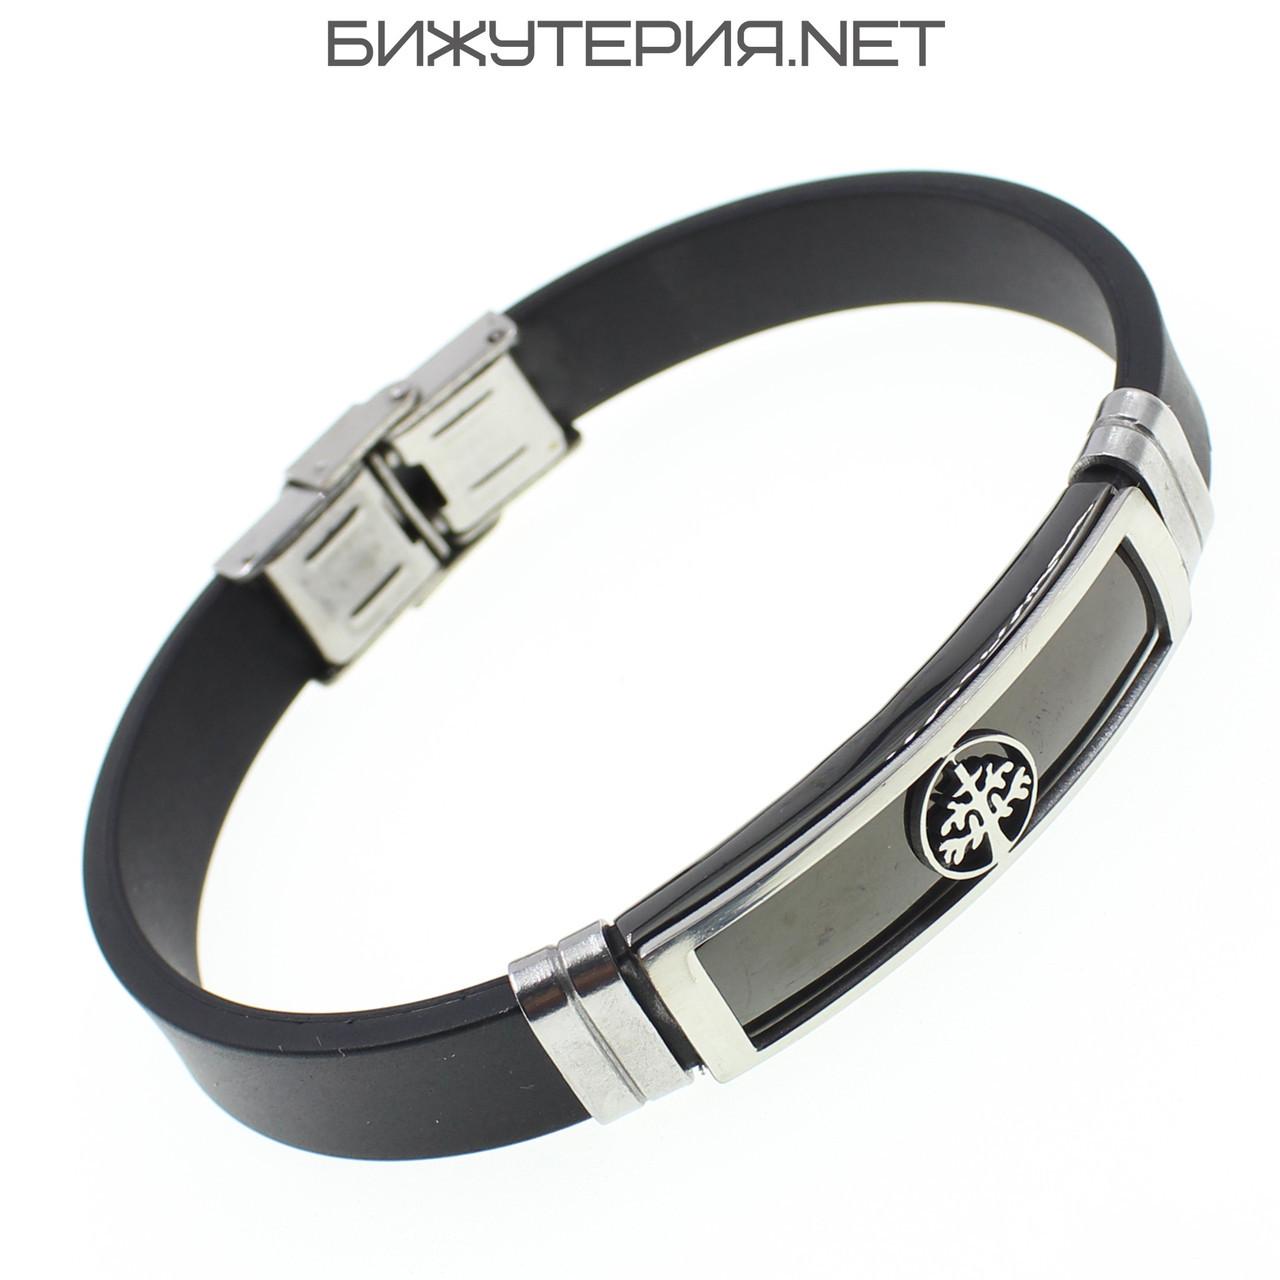 Мужской браслет Stainless Steel - 1038308831